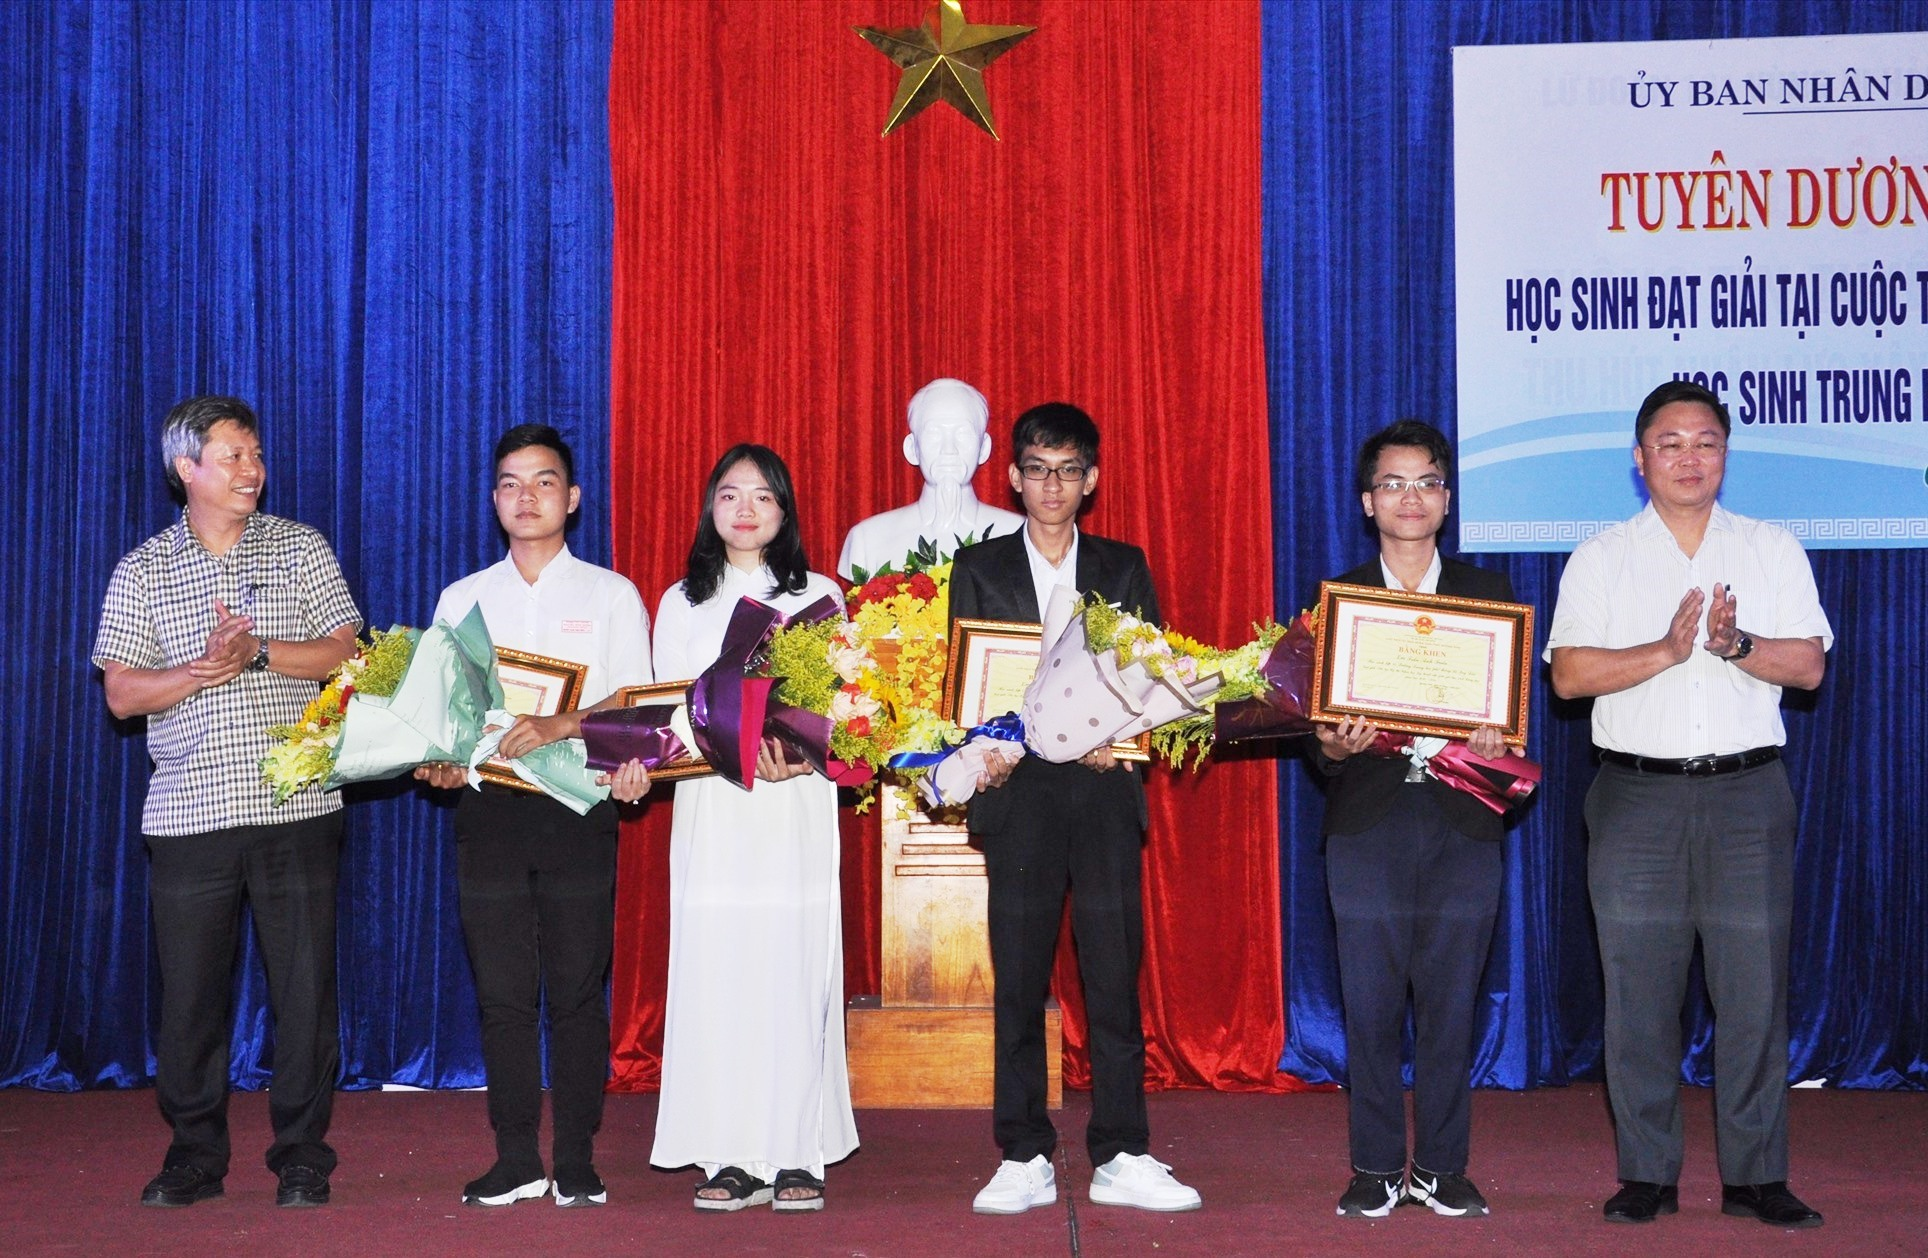 Chủ tịch UBND tỉnh Lê Trí Thanh và Phó Chủ tịch UBND tỉnh Hồ Quang Bửu chúc mừng thành tích 4 học sinh. Ảnh: X.P